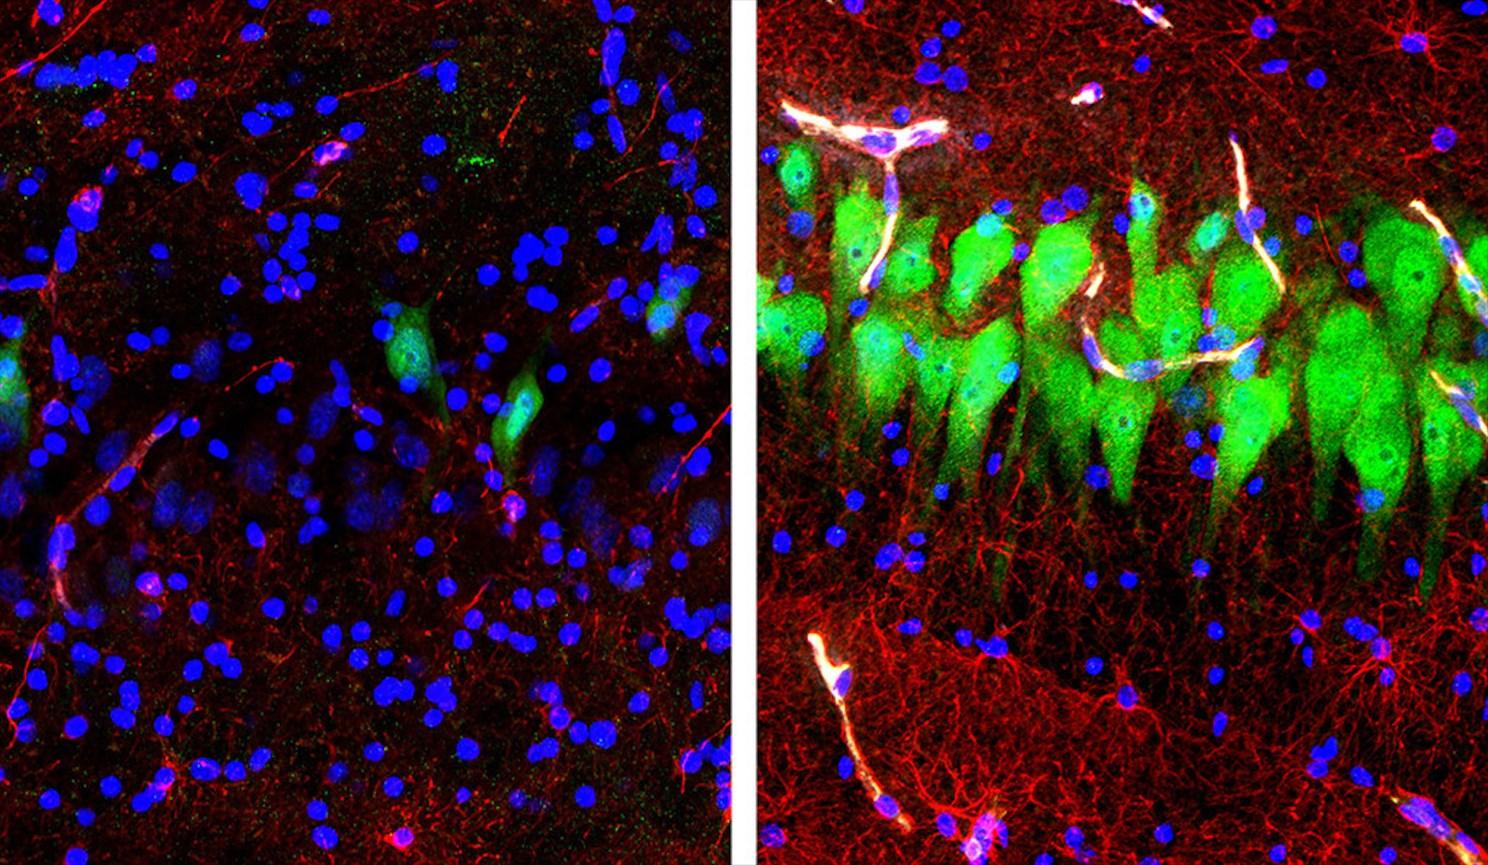 Нейроны (зелёные), астроциты (красные) и ядра клеток (синие) в гиппокампальной области мозга свиней. Изображение слева – это мозг животного из контрольной группы, а изображение справа – мозг, подпитан